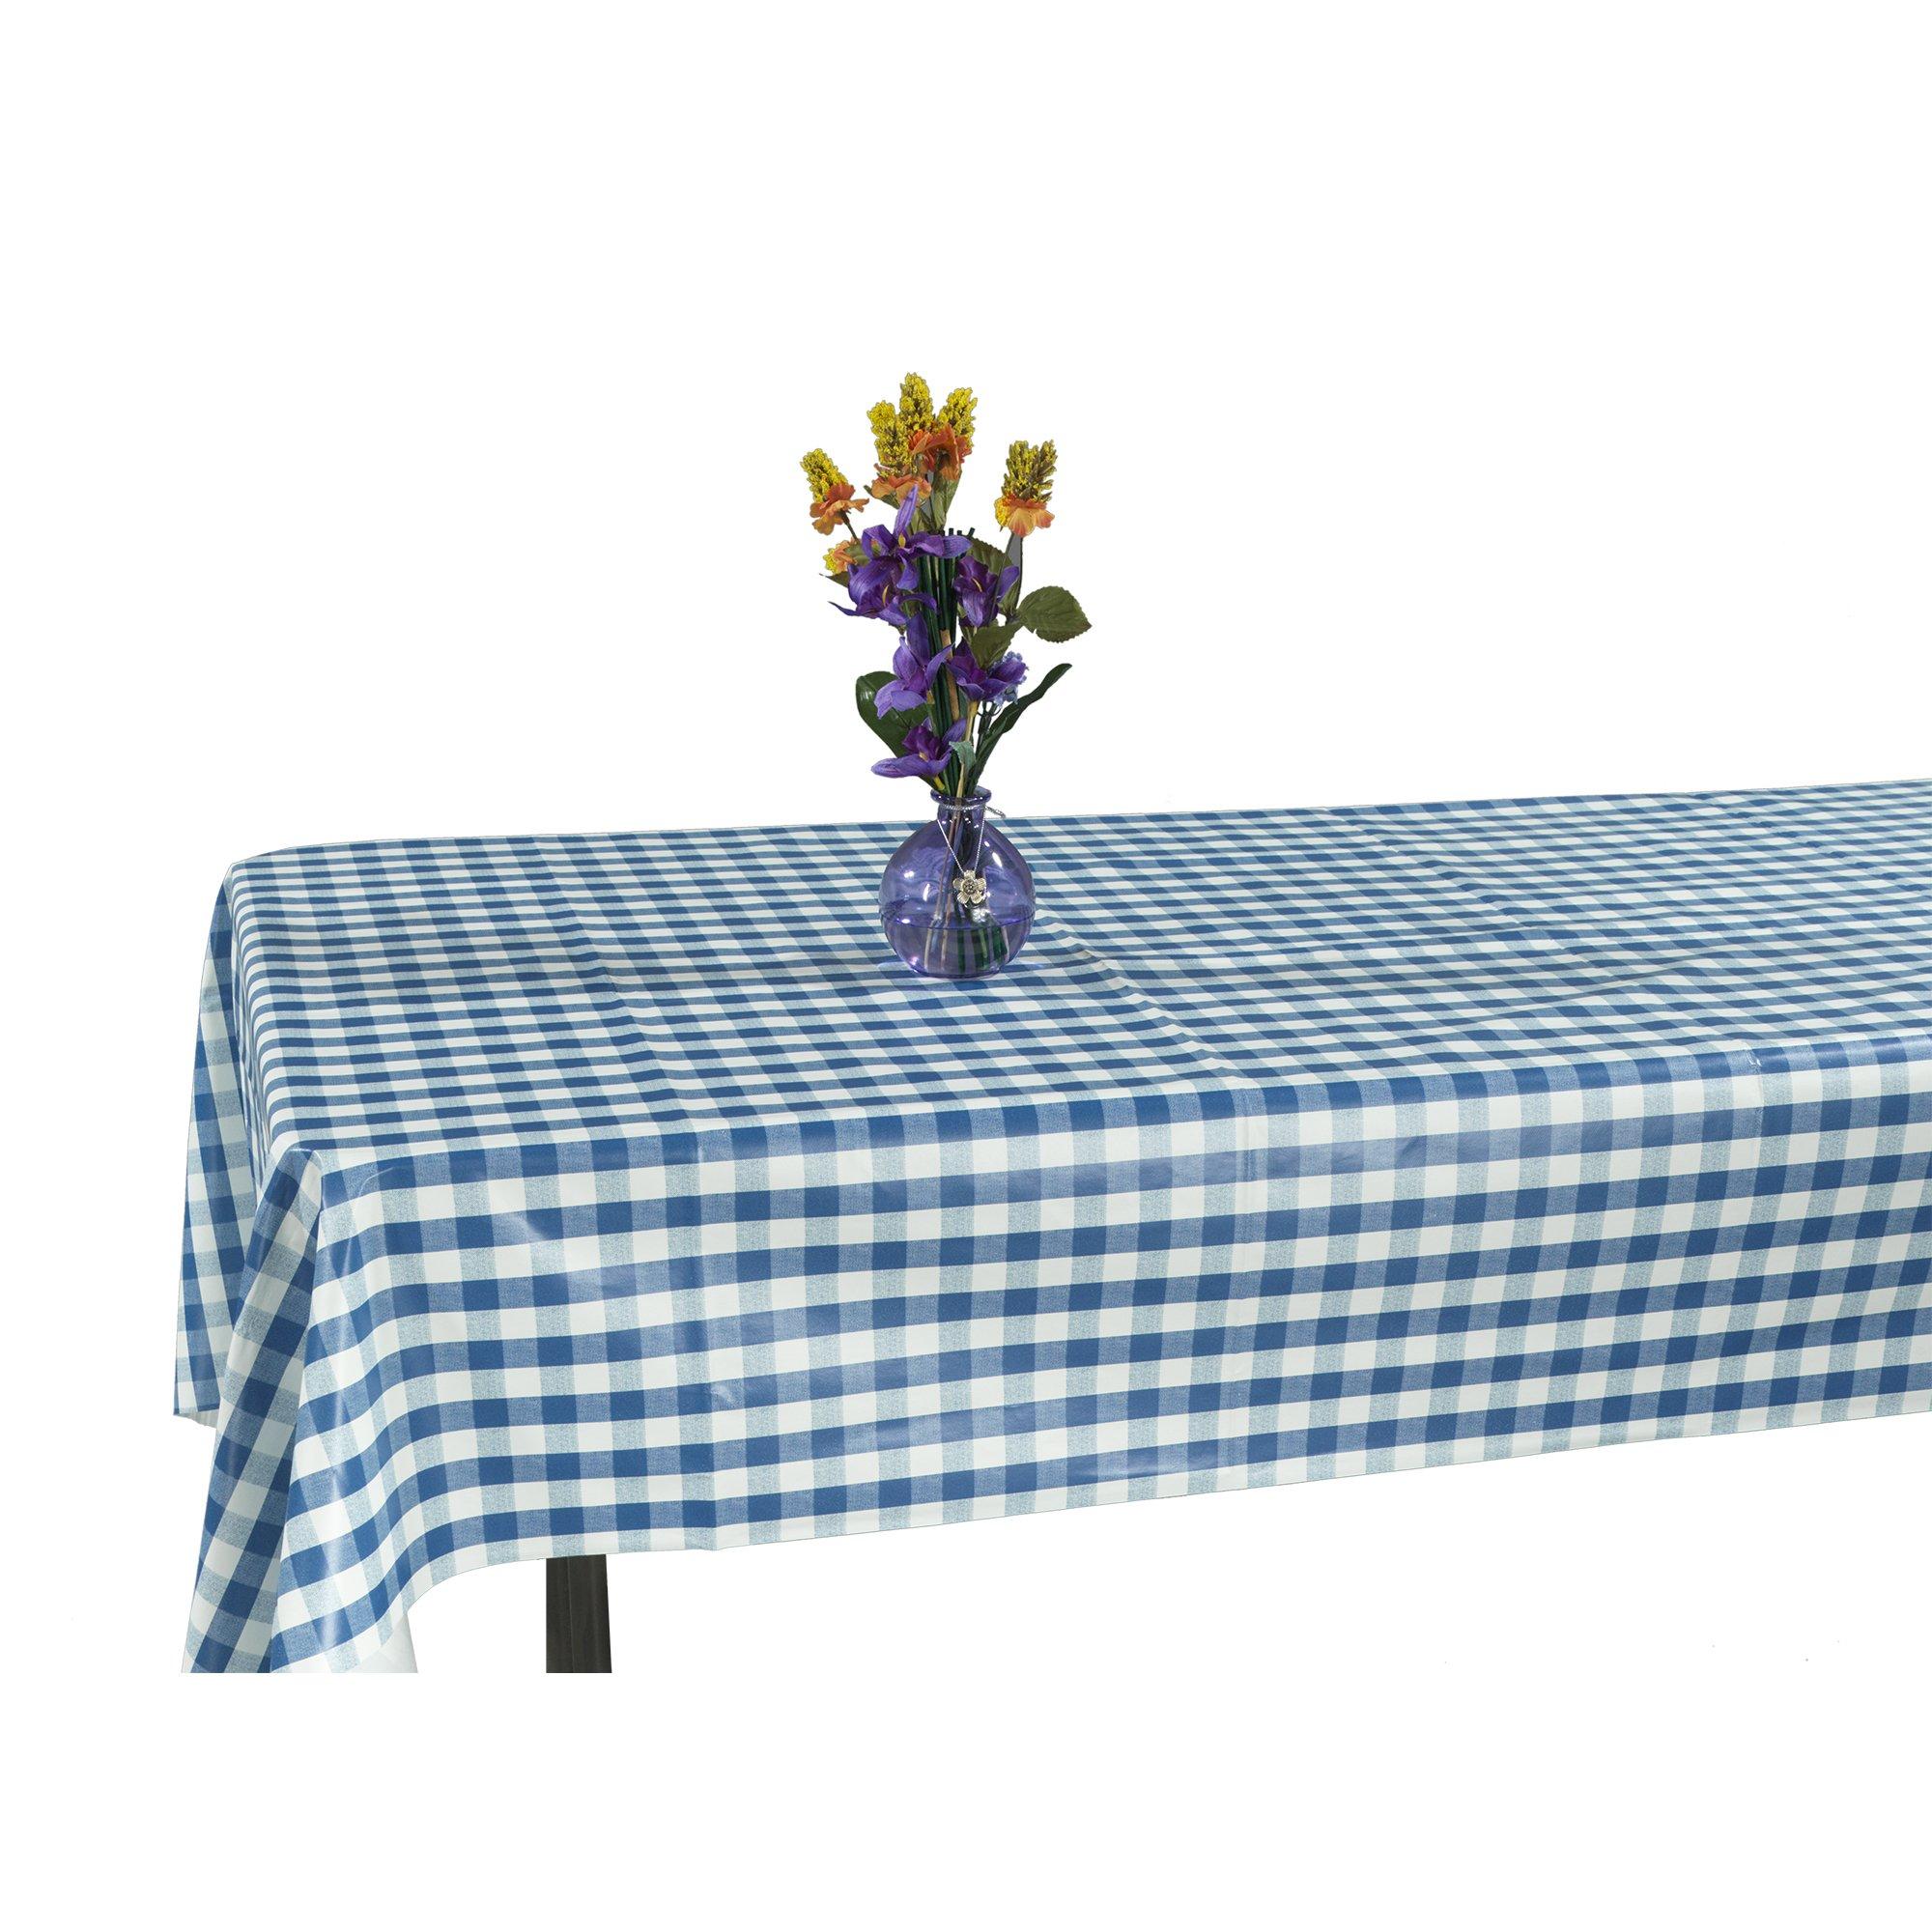 Ottomanson Vinyl Tablecloth Checkered Design Indoor & Outdoor Non-Woven Backing Tablecloth, 55'' X 102'', Blue